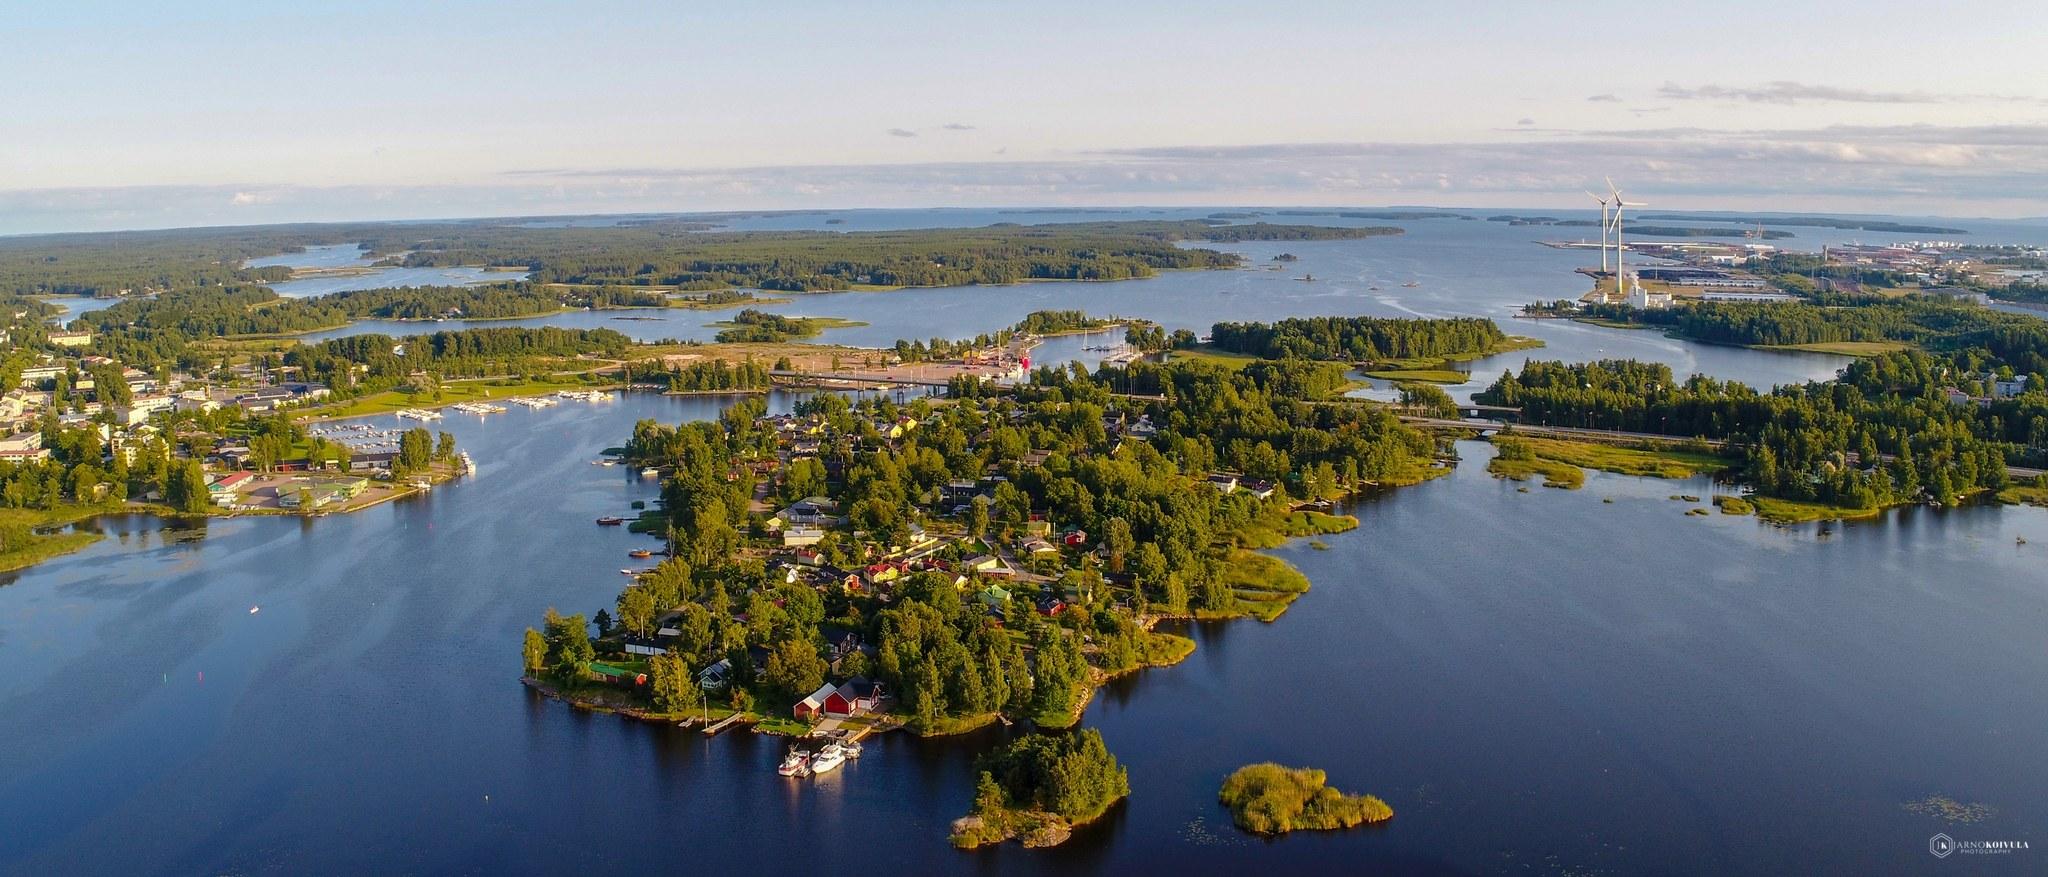 Vehreä ilmakuva Pitäjänsaaresta, meri ympärillä.